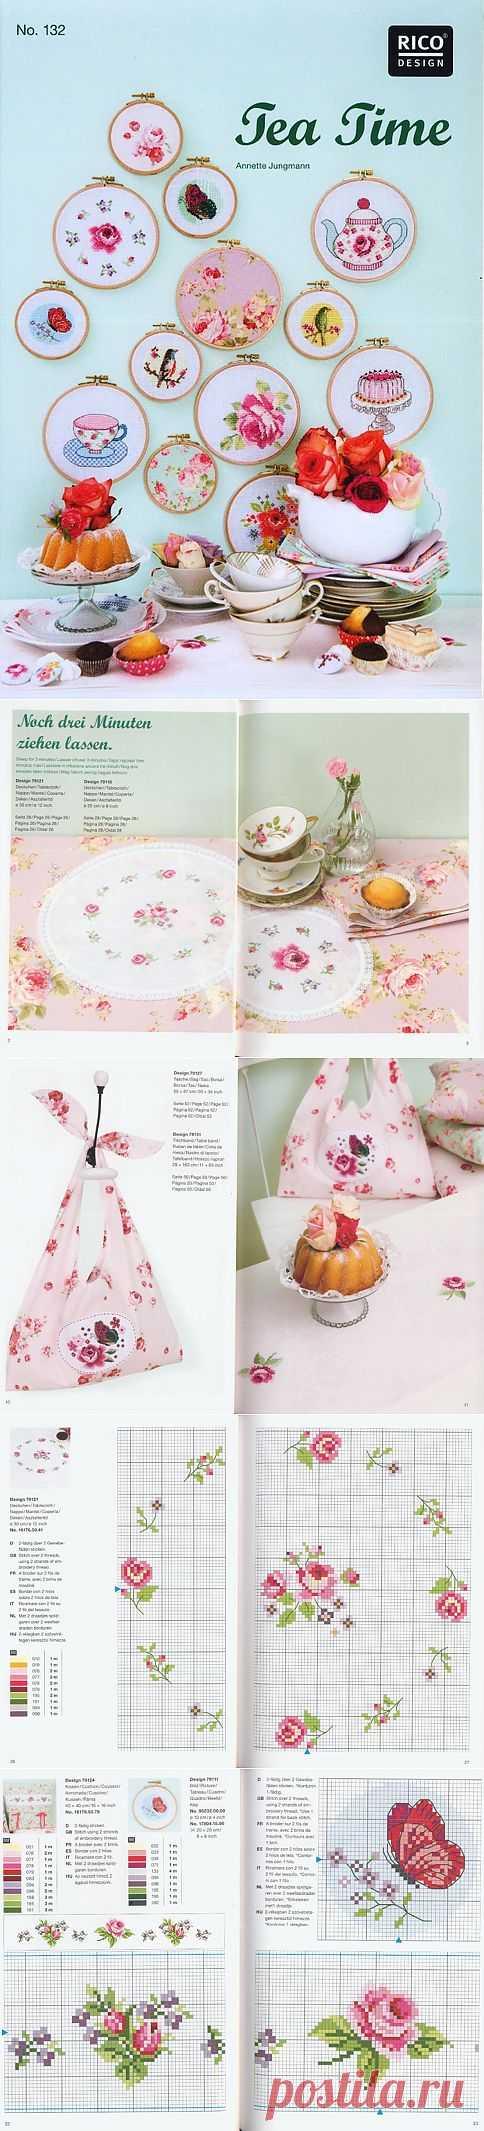 """""""RICO - Tea Time"""". Журнал по вышивке.."""